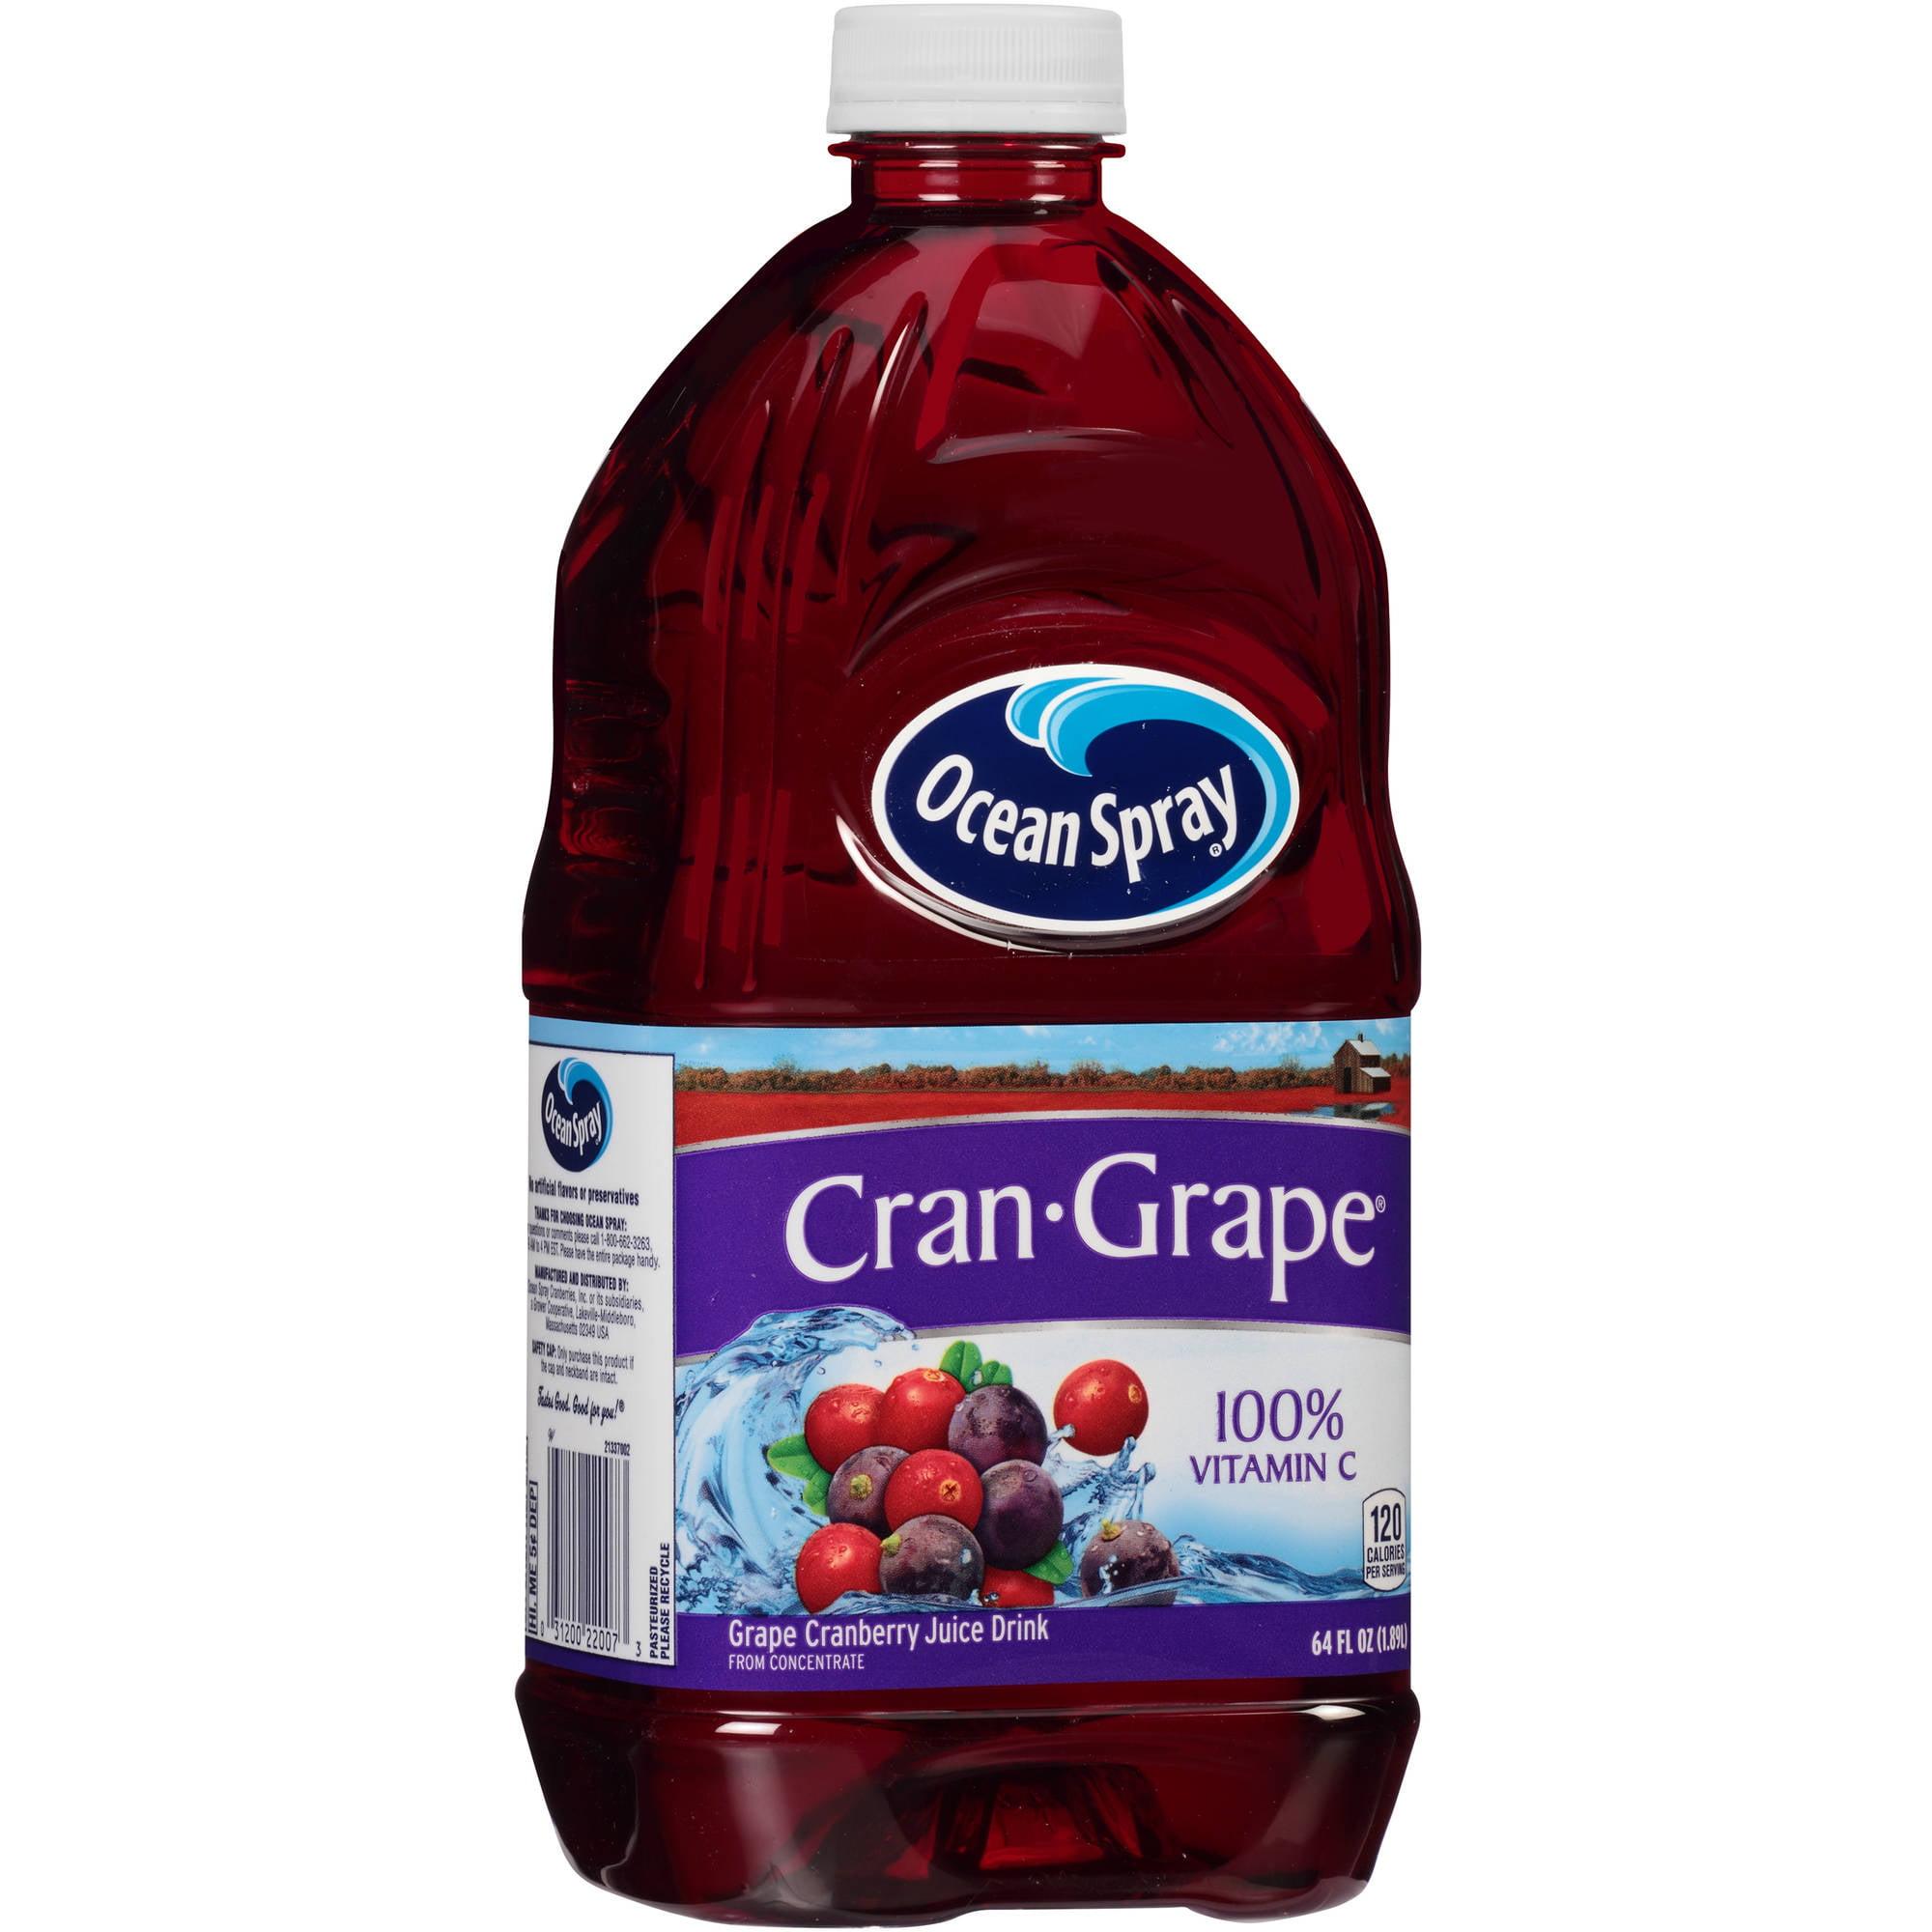 Ocean Spray Cran-Grape Juice, 64 fl oz